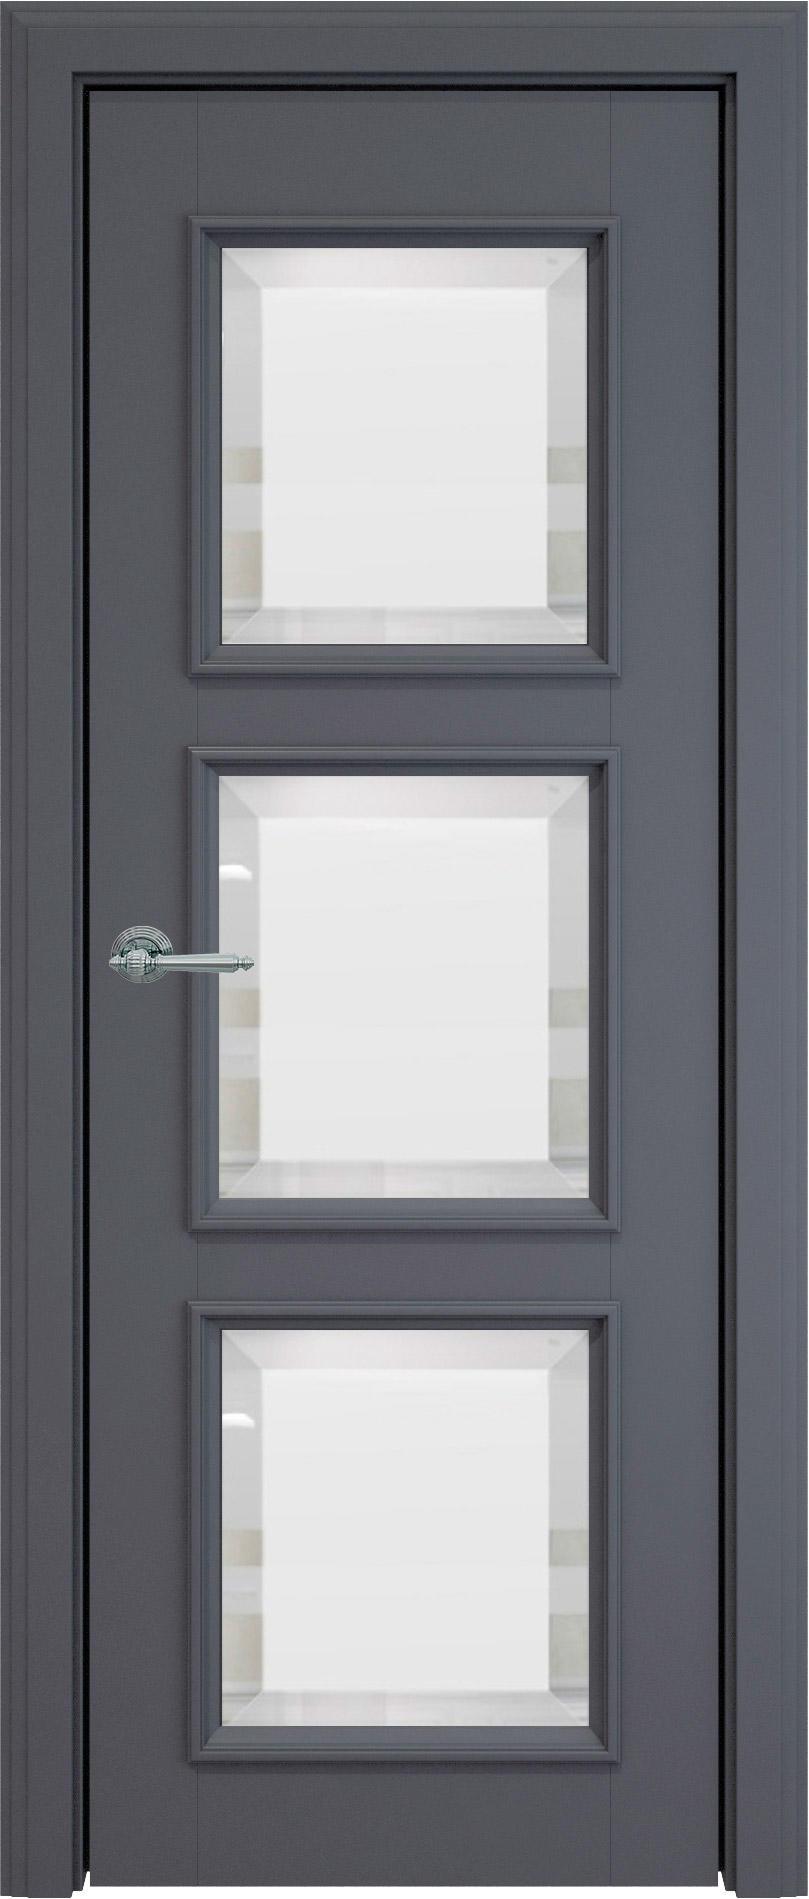 Milano LUX цвет - Графитово-серая эмаль (RAL 7024) Со стеклом (ДО)